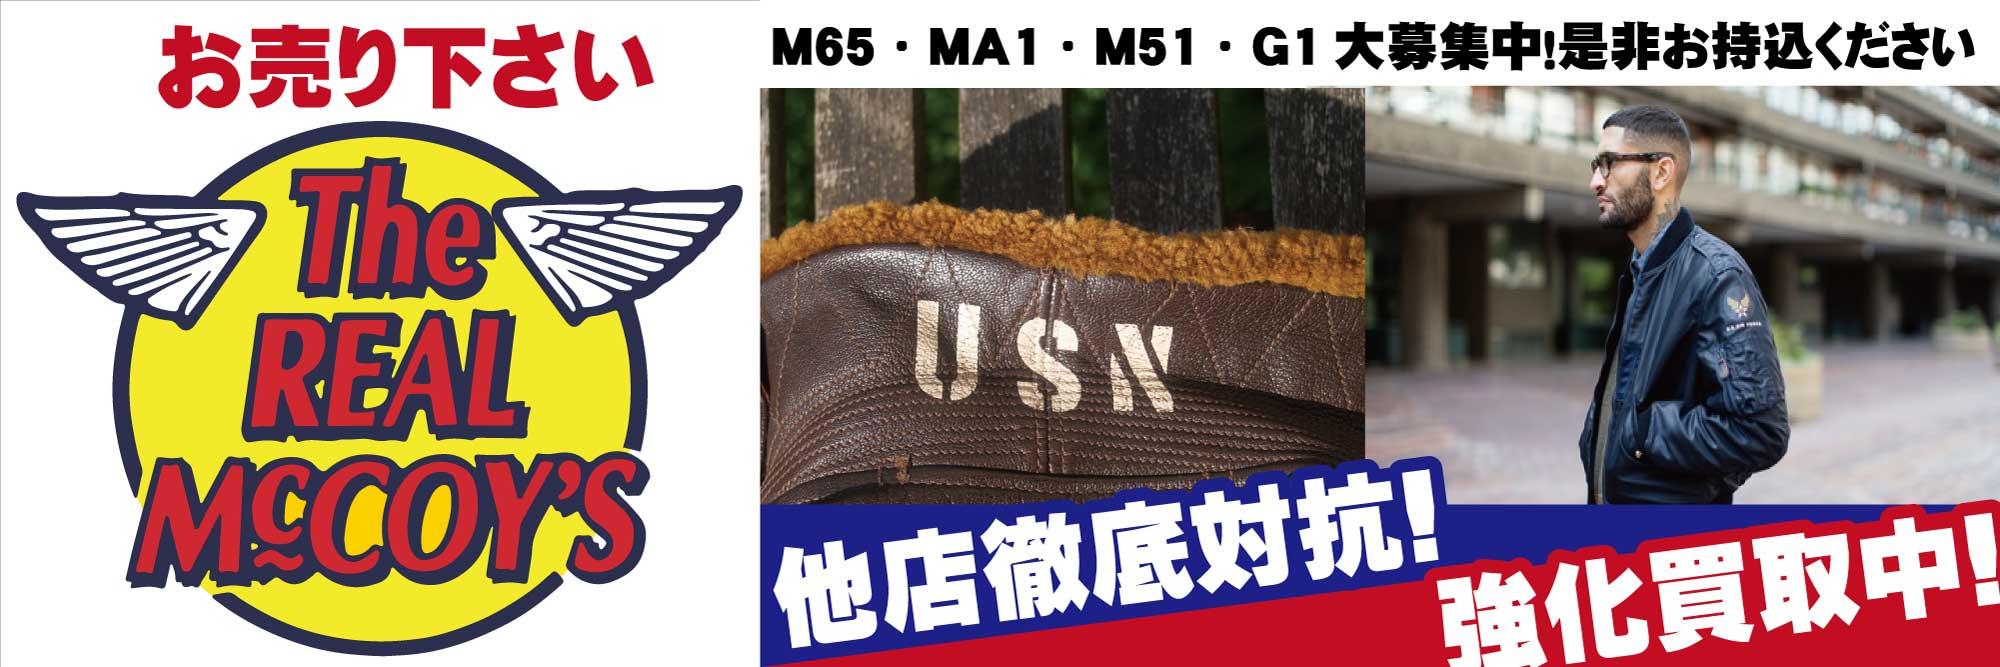 「開放倉庫山城店」古着館<The REAL McCOY`Sお売りください>M65、MA1、M51、G1大募集中!他店徹底対抗!強化買取中!